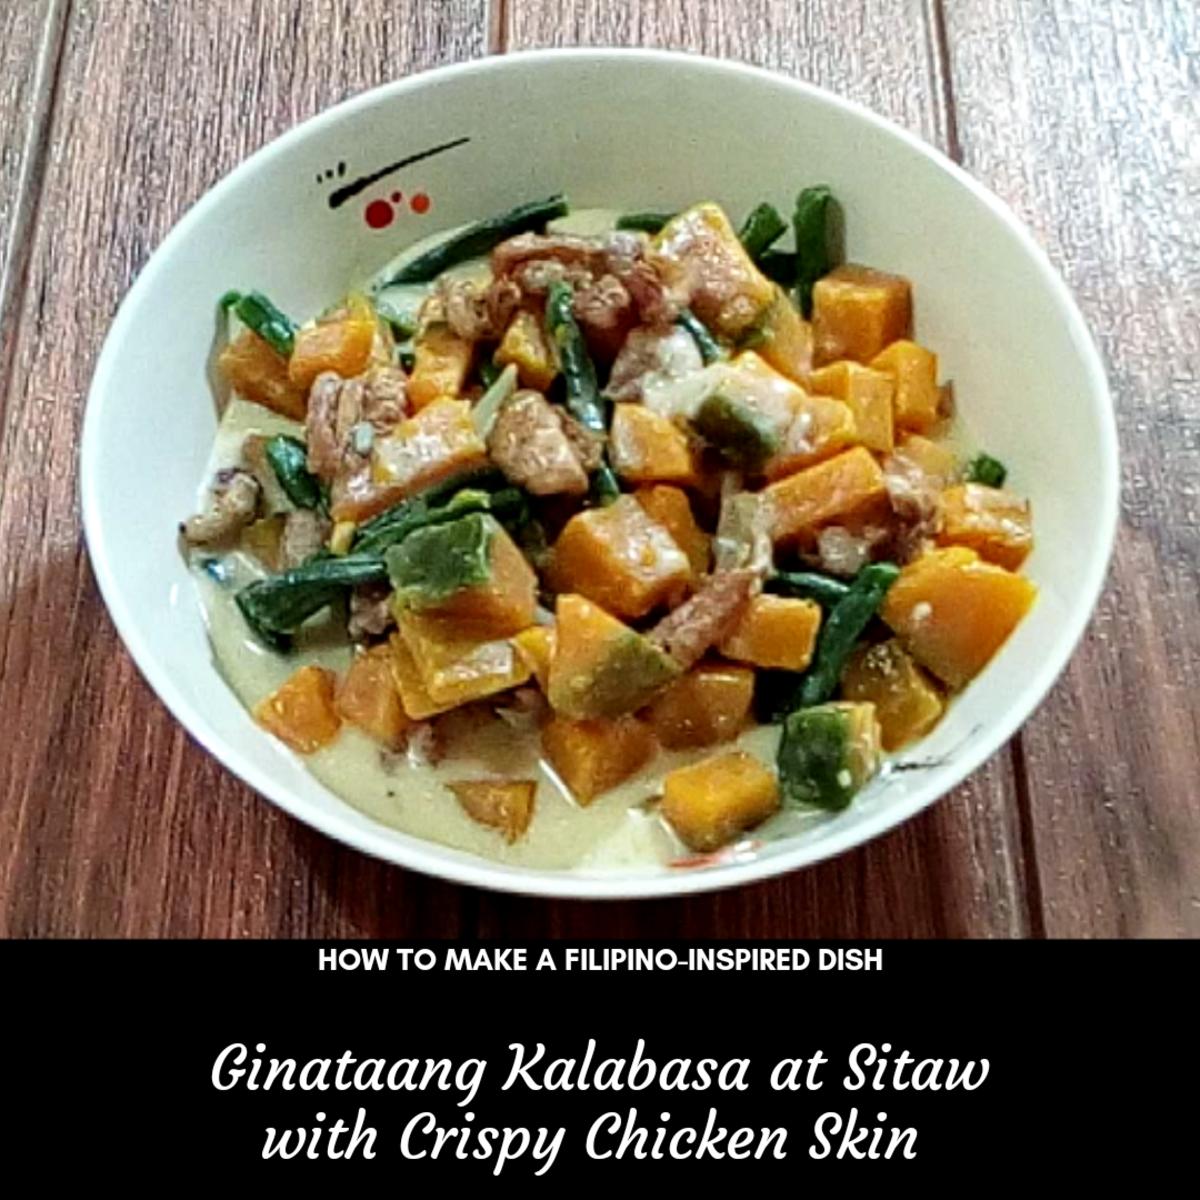 Ginataang Kalabasa at Sitaw With Crispy Chicken Skin Recipe